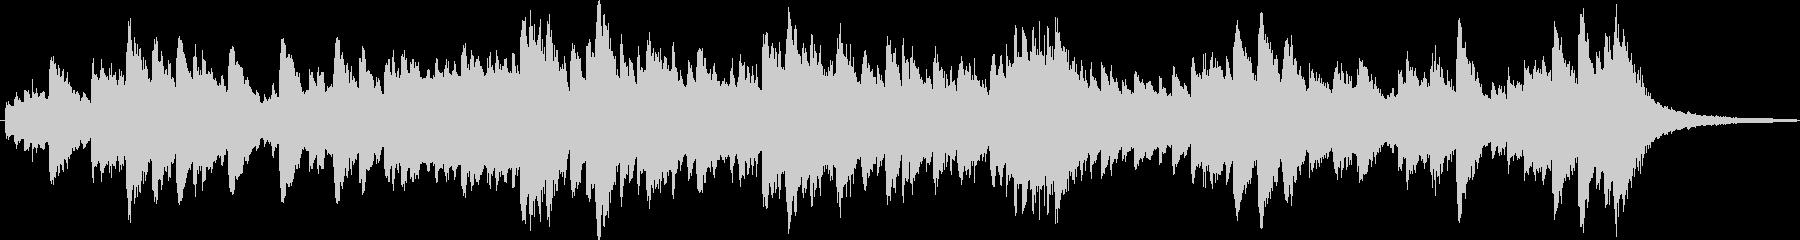 ピアノソロの未再生の波形